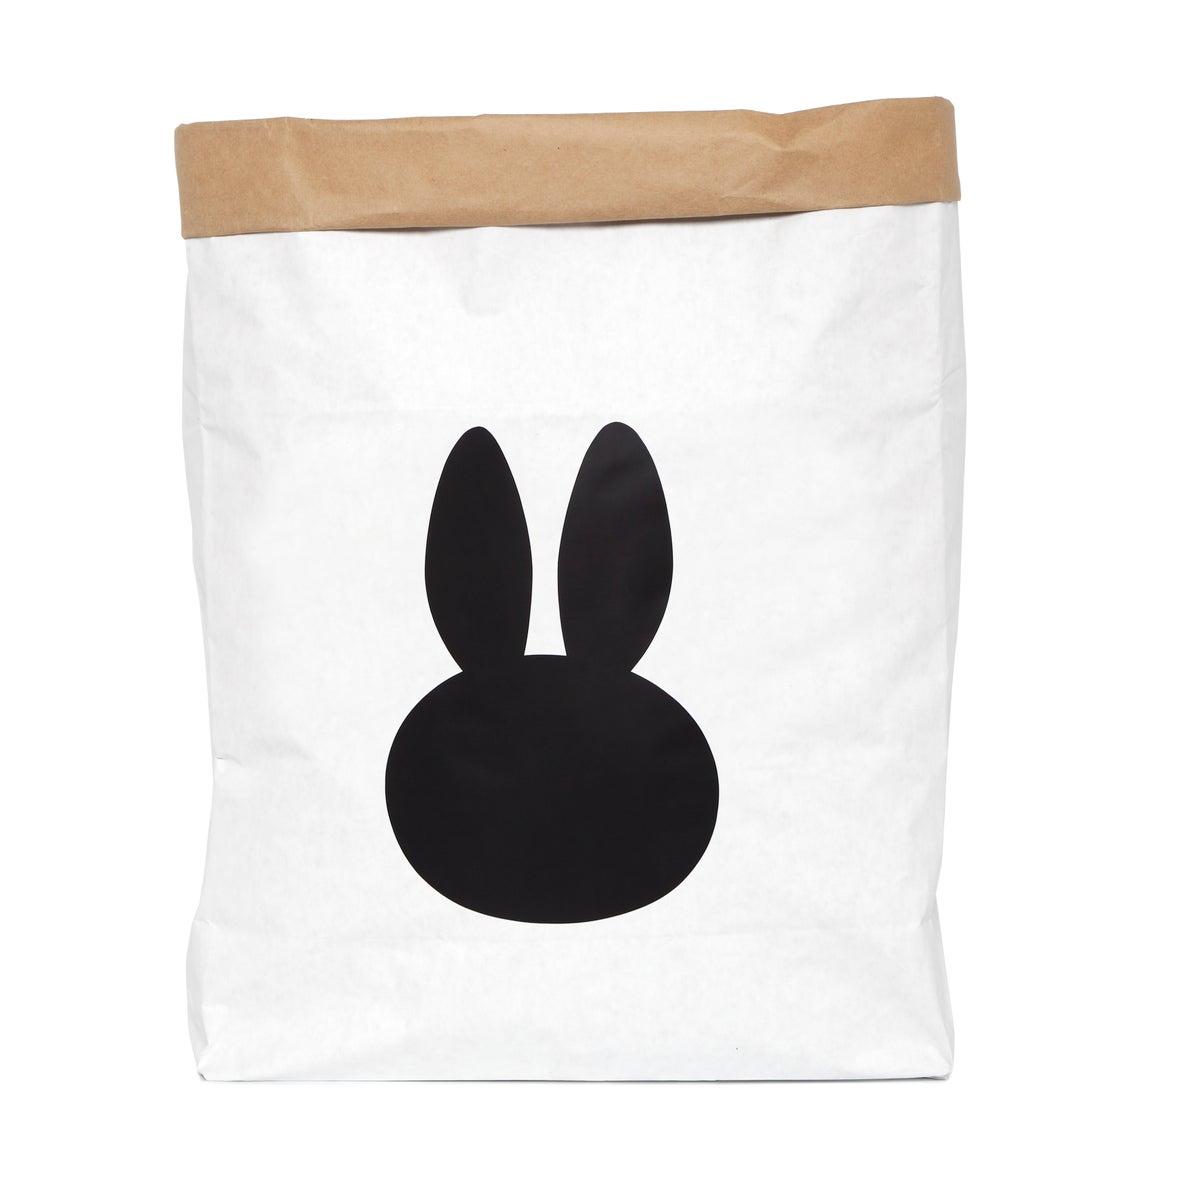 Image of Be - Nized Bunny Mini